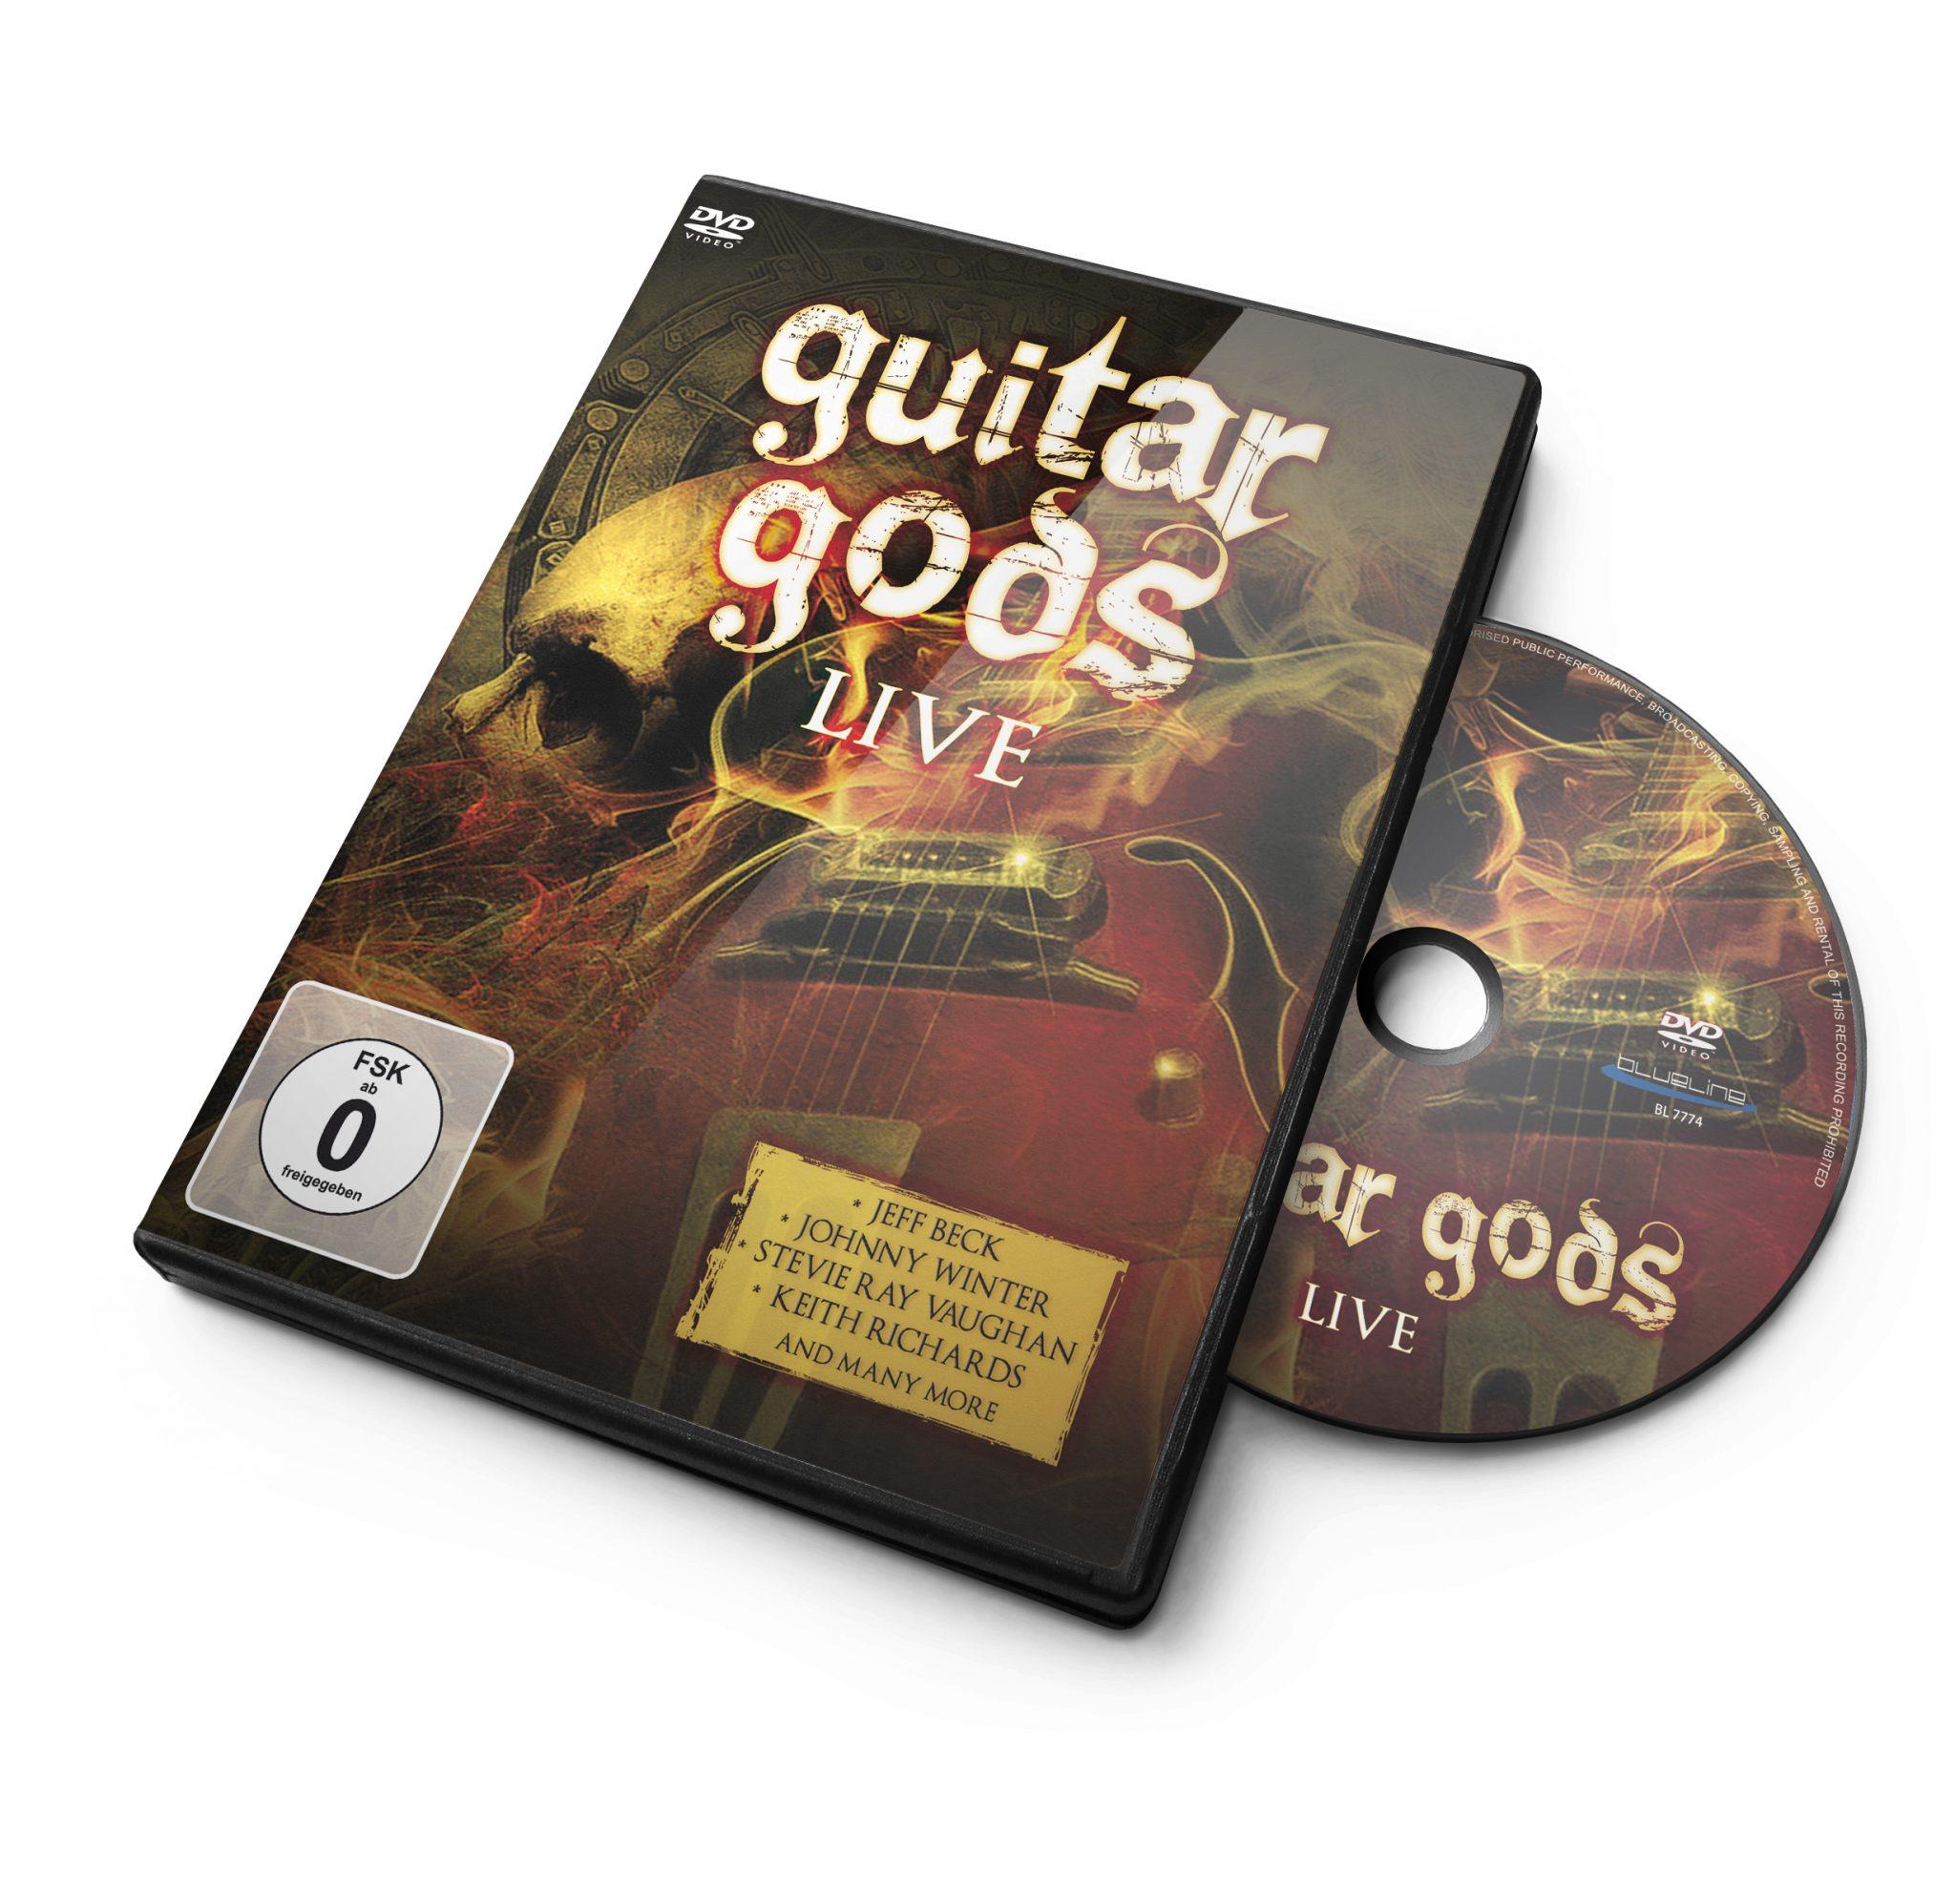 guitar gods_dvd